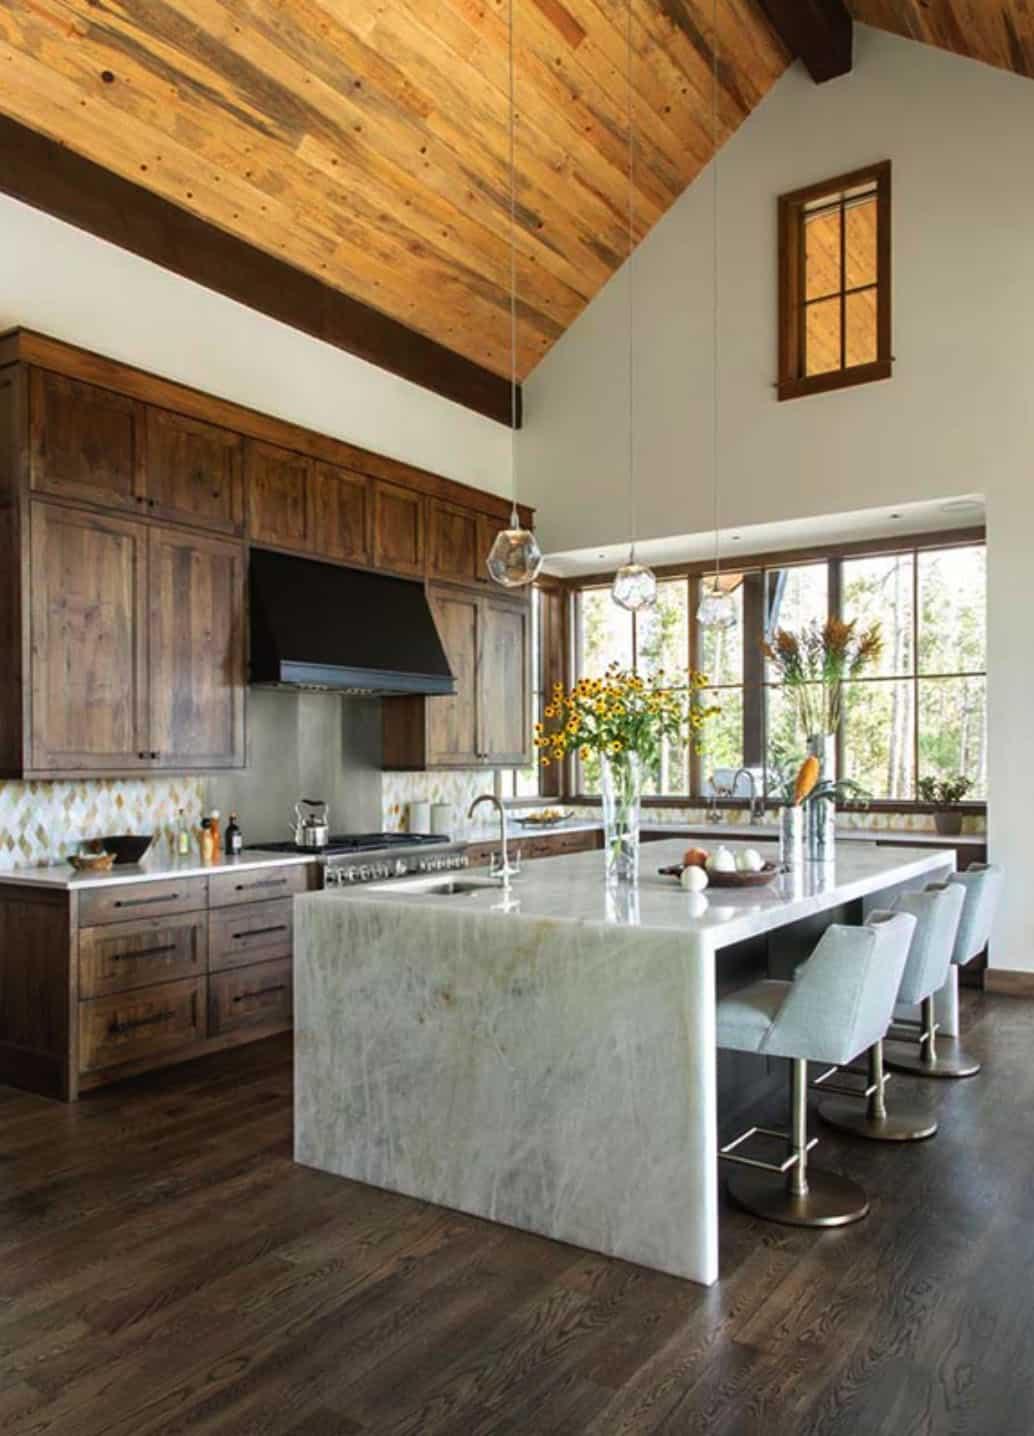 craftsman-style-kitchen